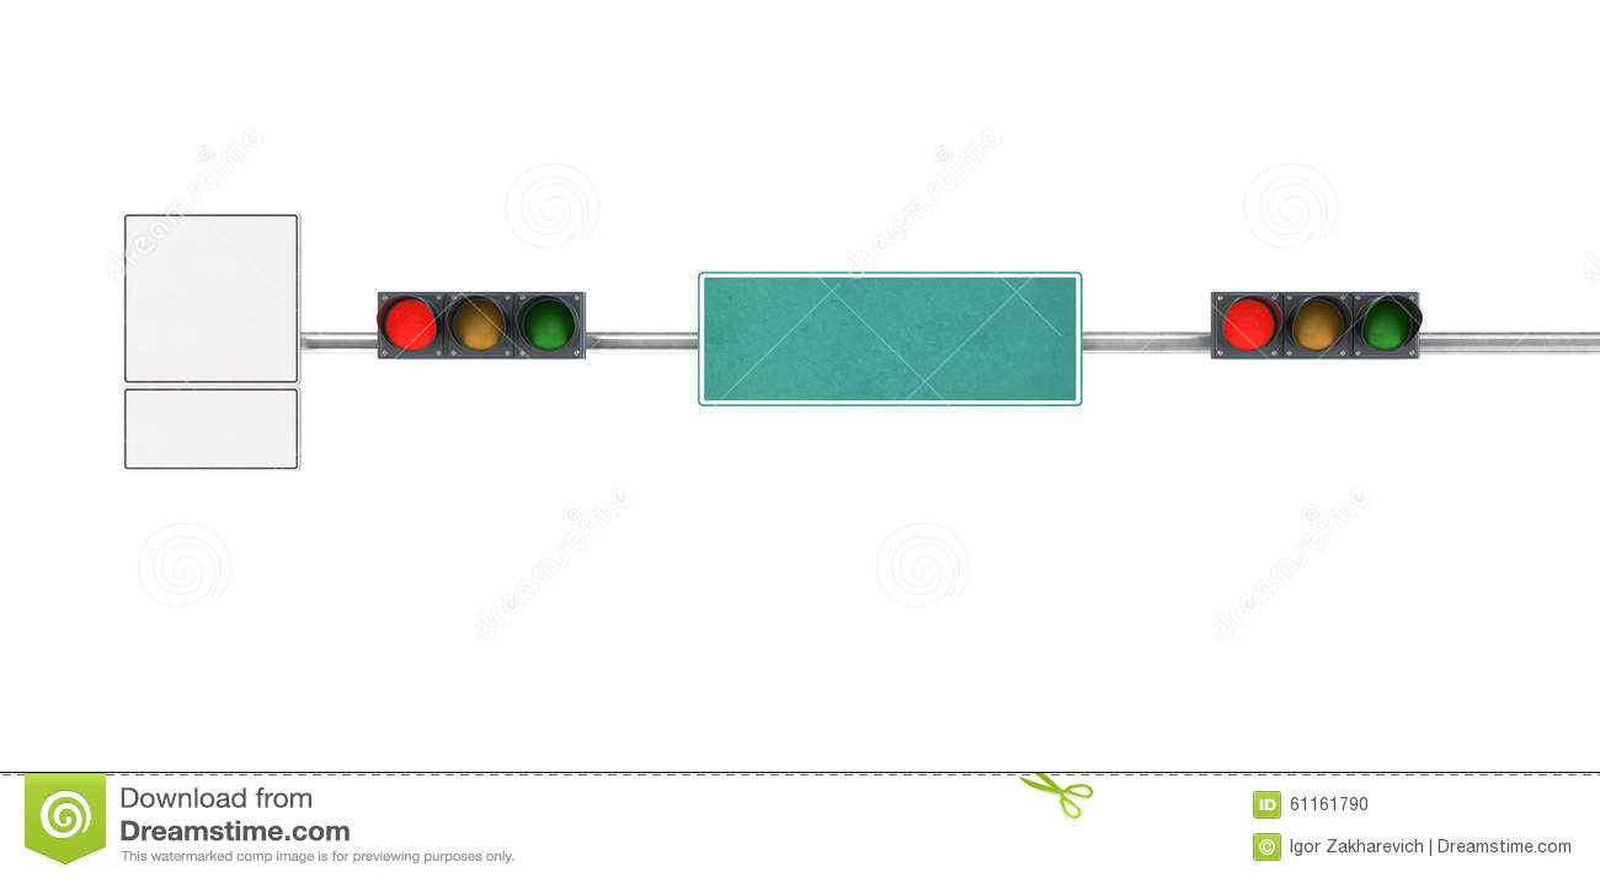 Verkeerslicht, rode lichten op een stadsstraat met verkeersteken